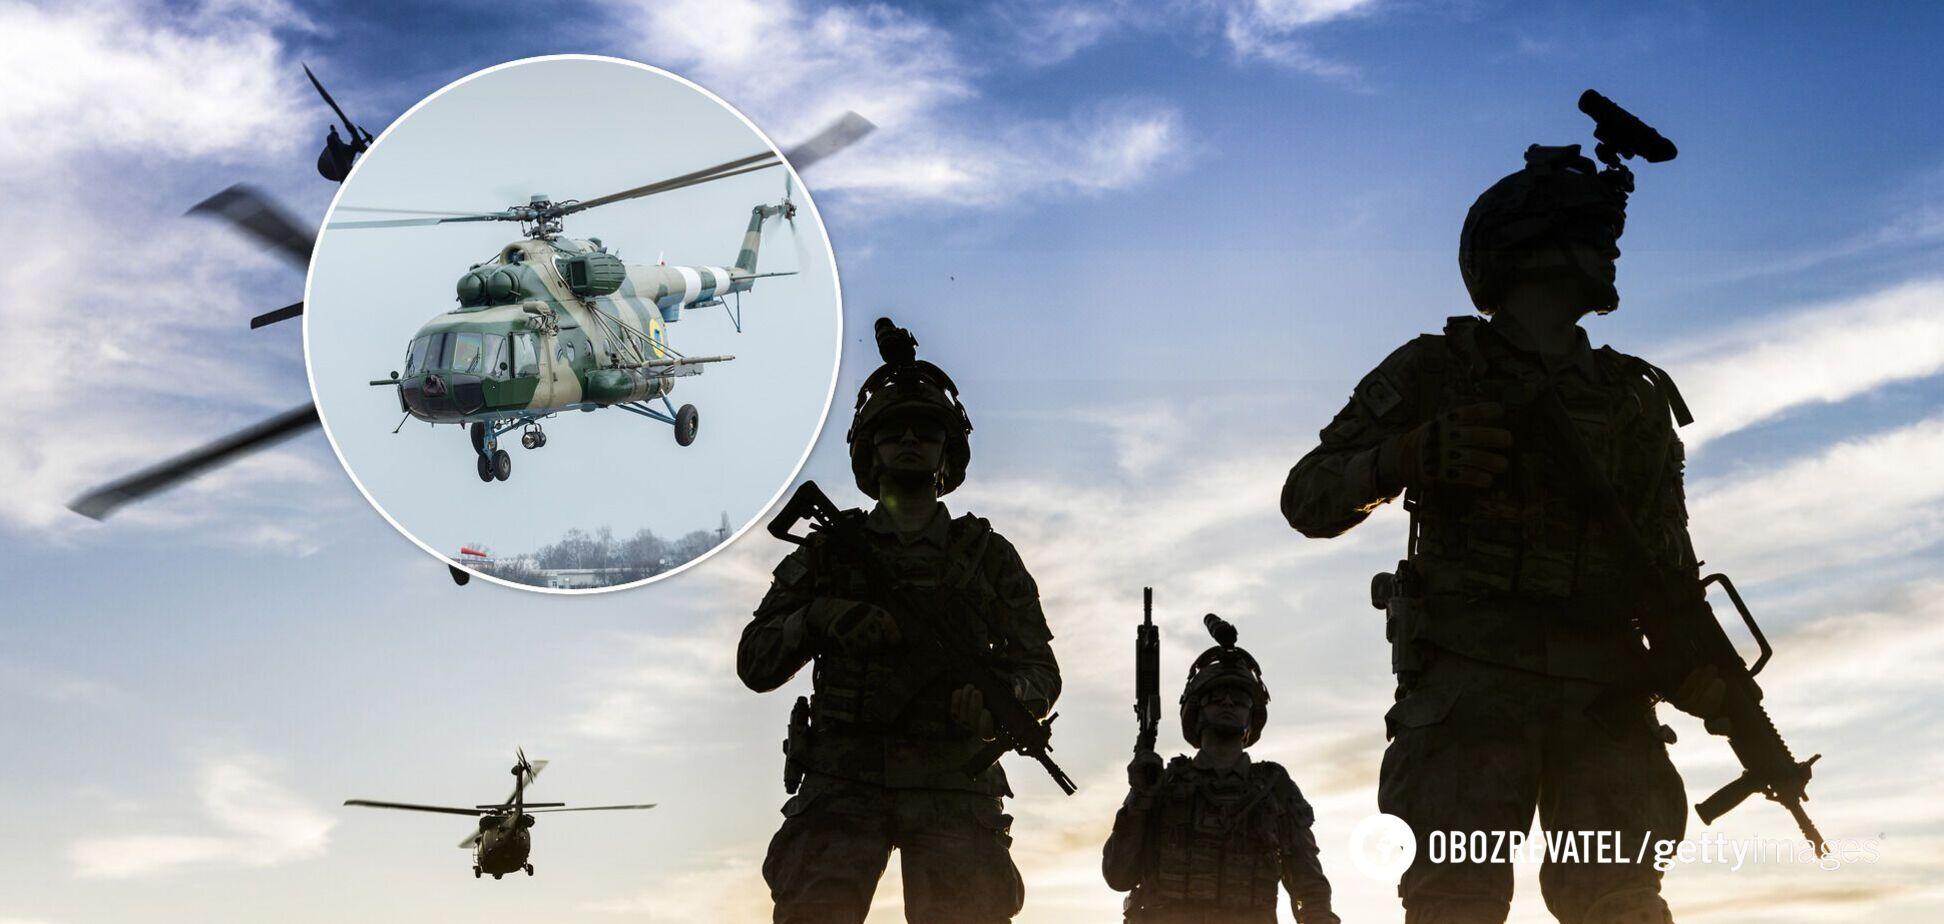 ЗСУ передали модернізований гелікоптер Мі-8МТ з протиракетним захистом. Фото